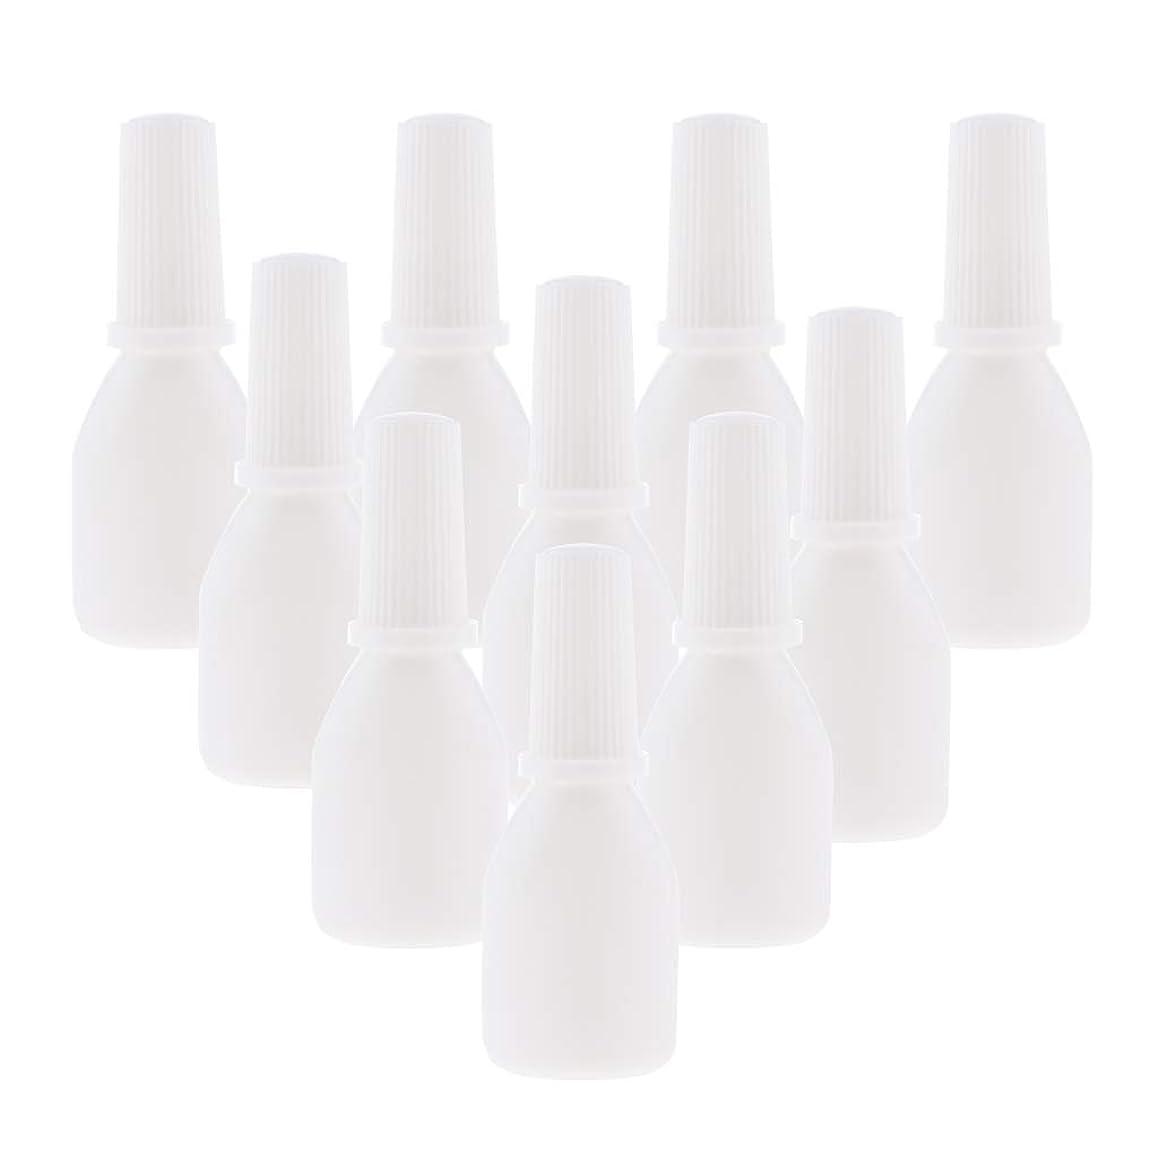 コメンテーター普通のドライブPerfeclan 10個 スプレーボトル 空ボトル 詰め替え容器 小分け用 霧吹き ノズルチップ付 旅行用容器 20g